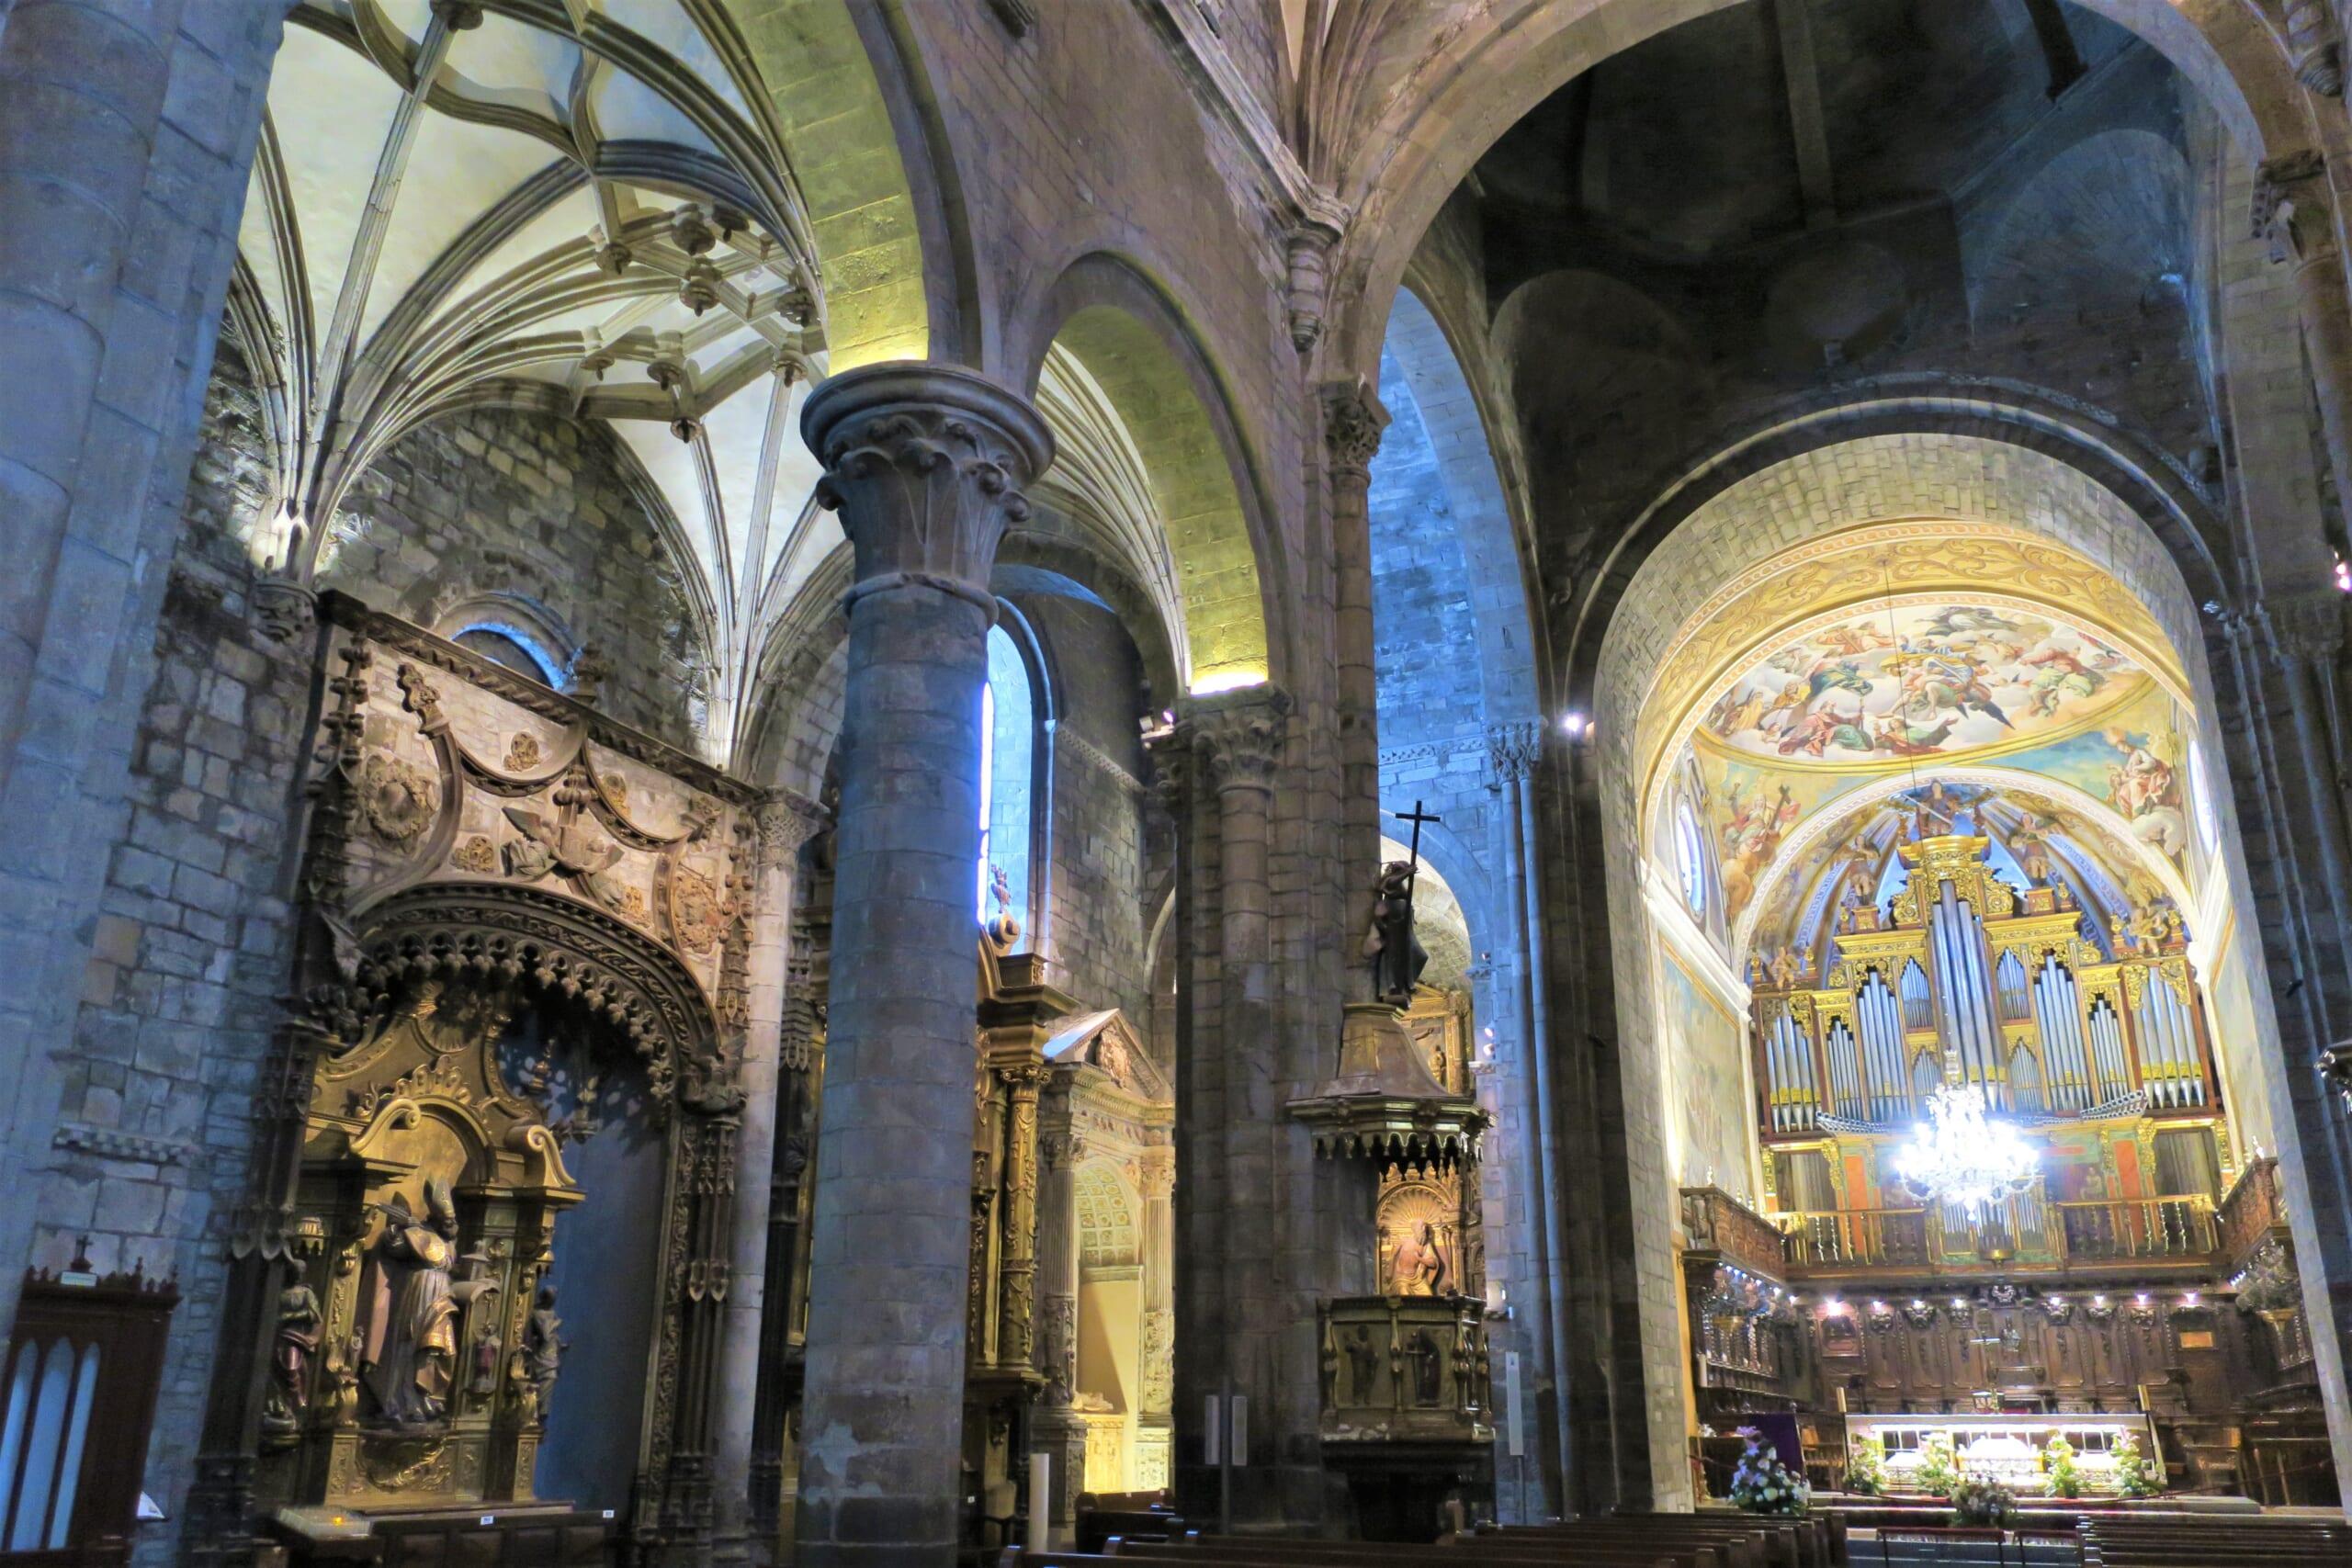 北スペインのサンティアゴ巡礼路の経由地であるアラゴンのハカ大聖堂